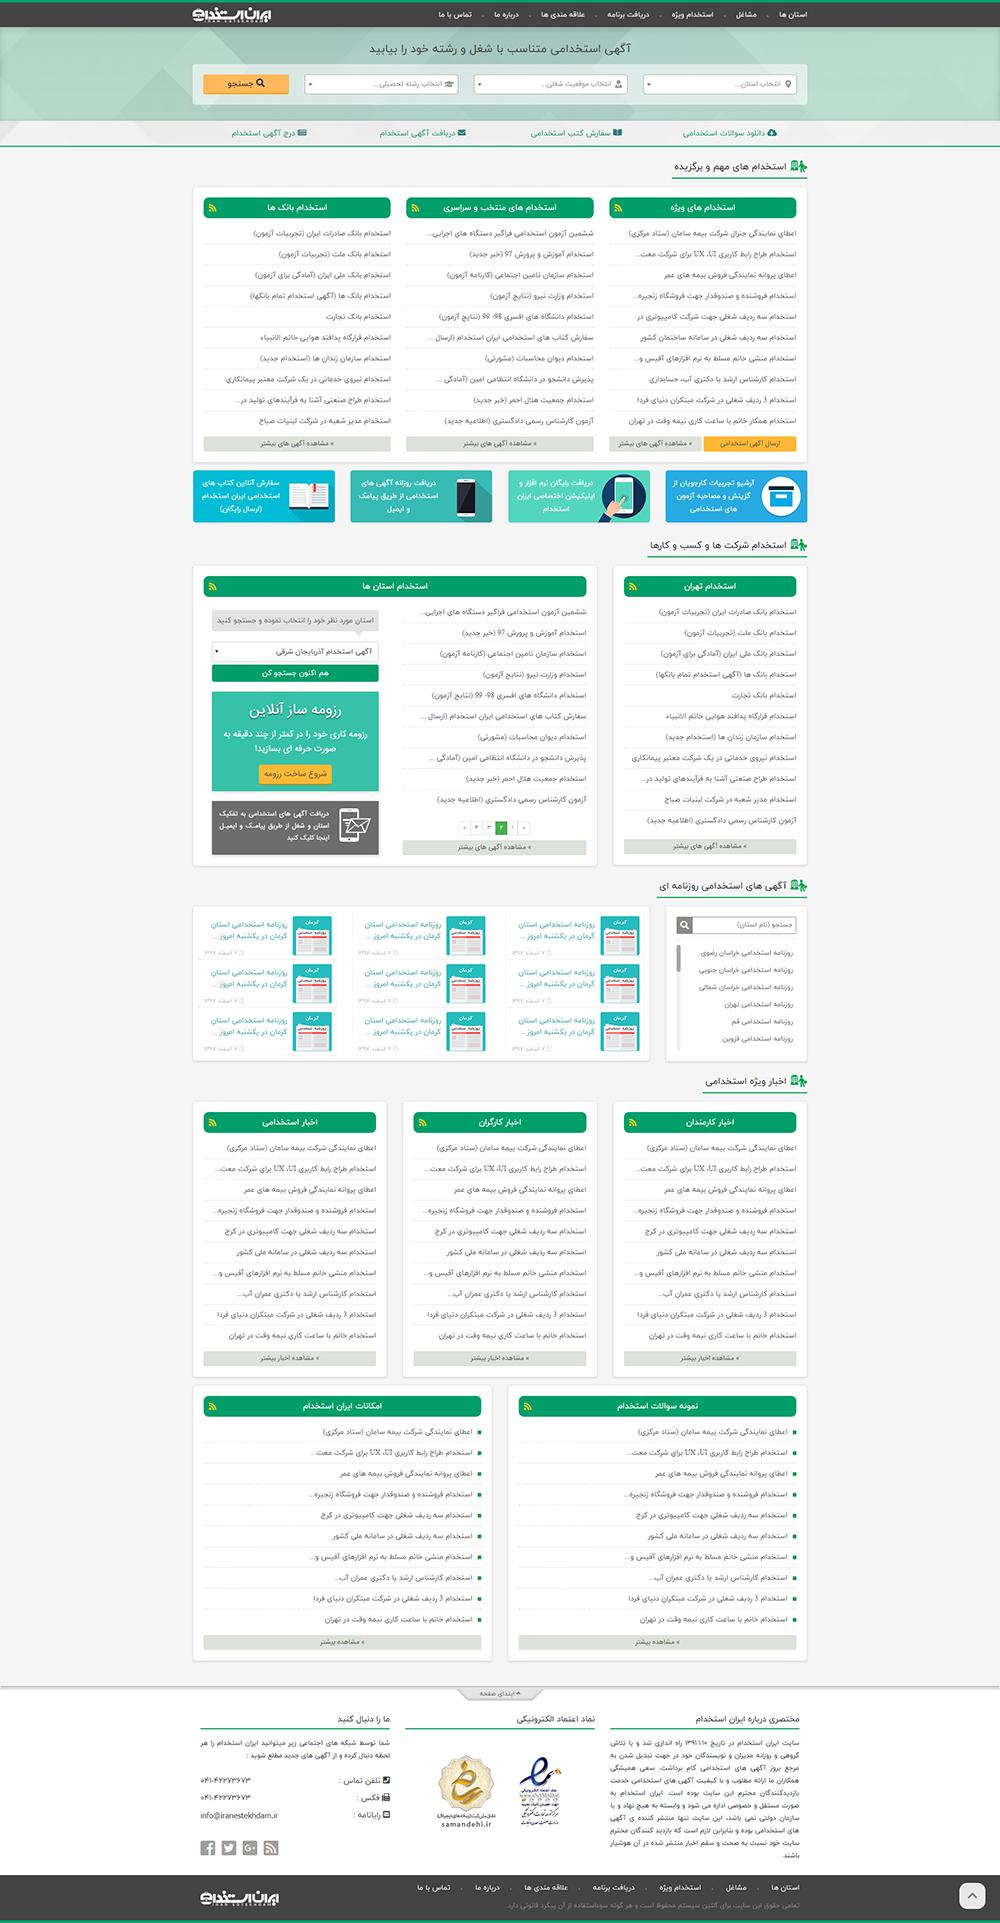 طراحی قالب سایت ایران استخدام